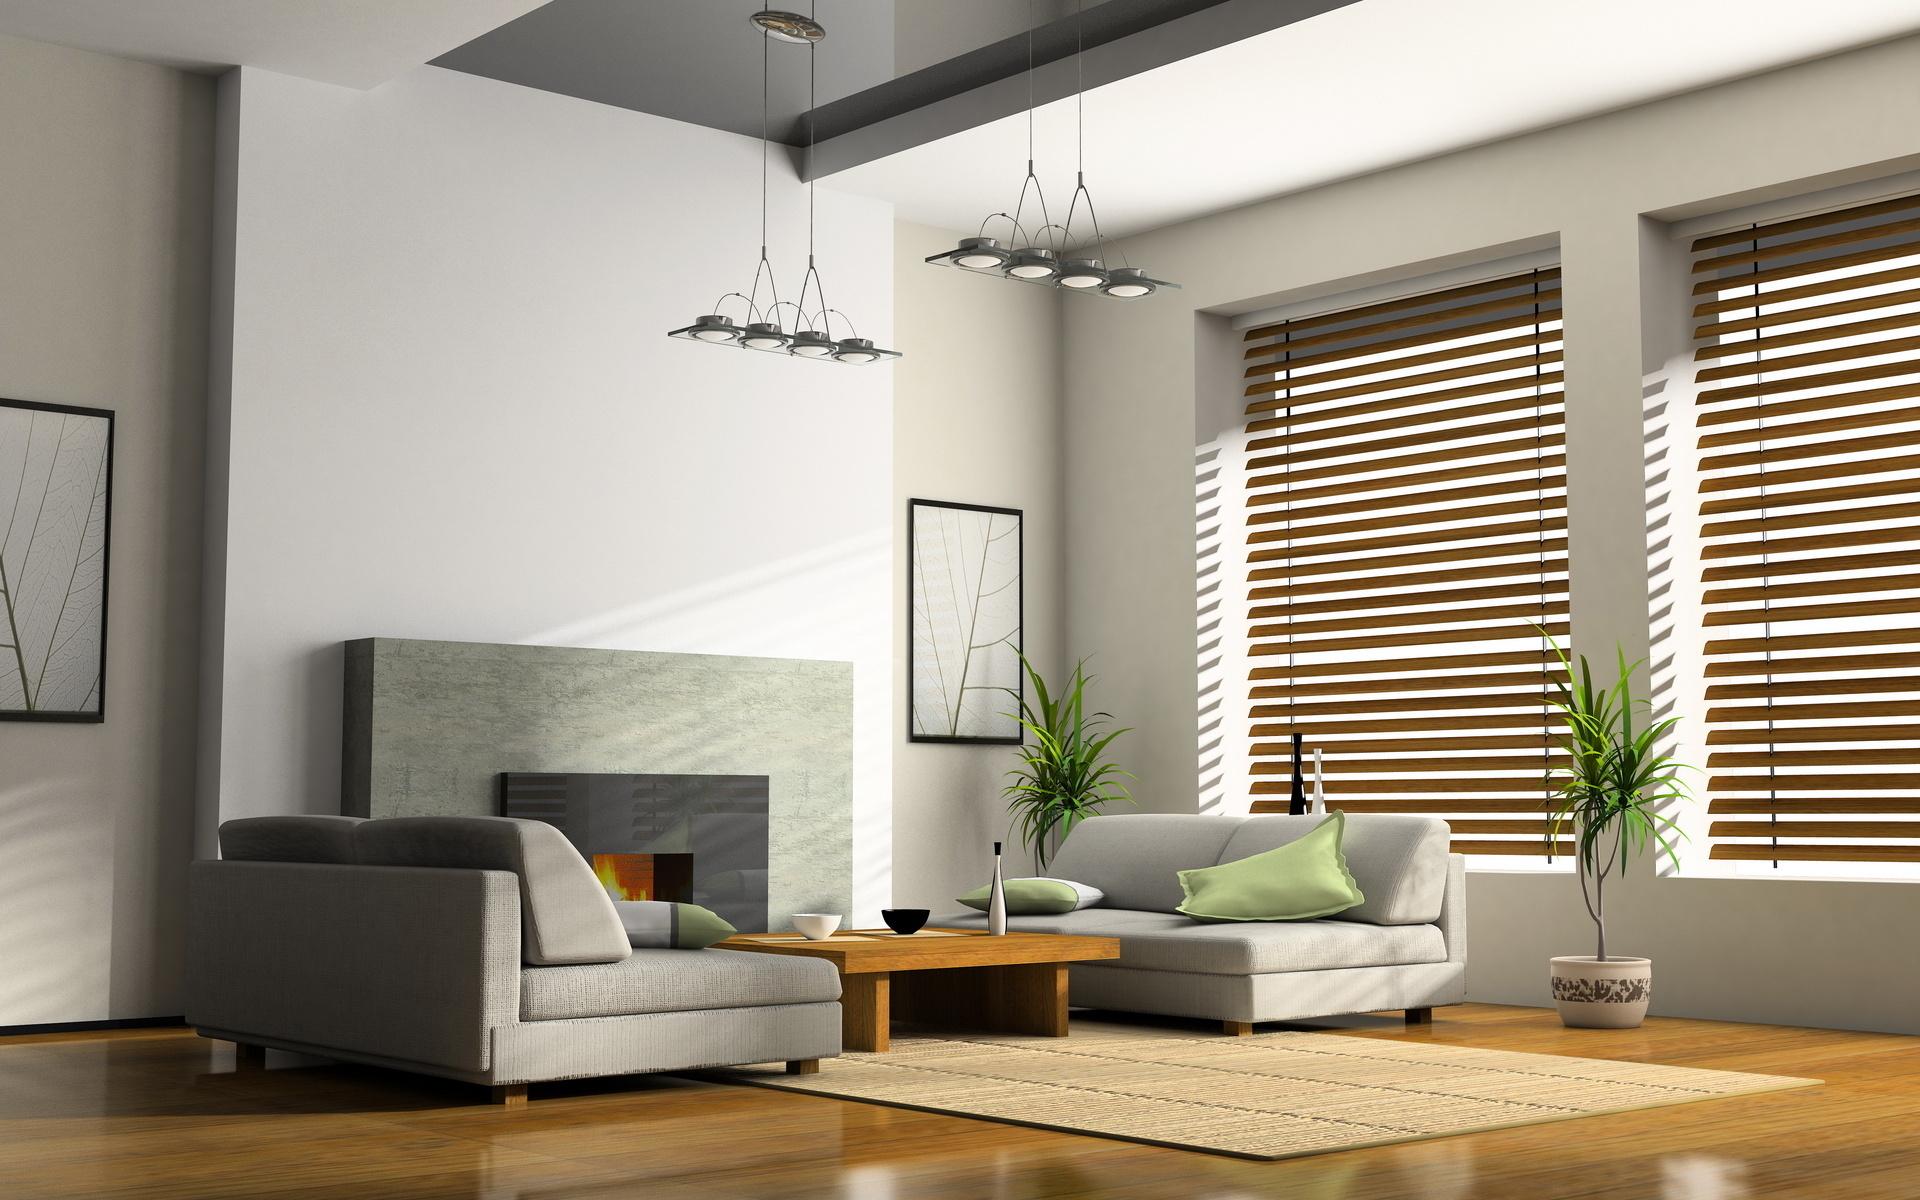 Wallpaper Interior Design Pictures photo - 8